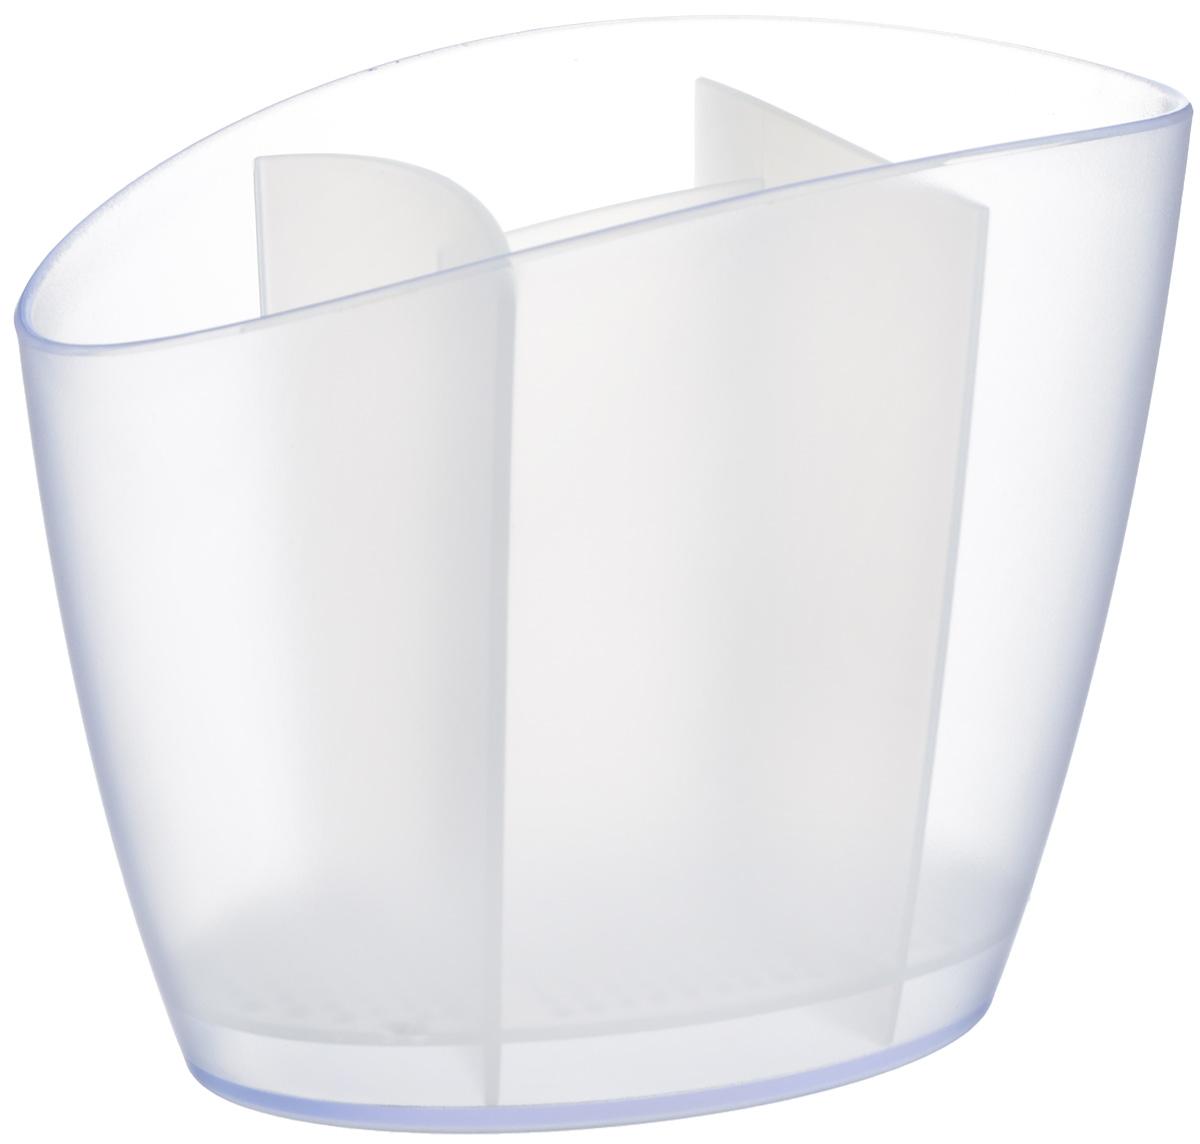 Сушилка для столовых приборов Tescoma Clean Kit, цвет: белый, 19,5 х 11 х 15,5 см115510Сушилка Tescoma Clean Kit, выполненная из высококачественного пластика, прекрасно подходит для сушки столовых приборов. Для легкости очищения снабжена съемной подставкой для стока воды. Изделие хорошо впишется в интерьер, не займет много места, а столовые приборы будут всегда под рукой.Можно мыть в посудомоечной машине.Размер изделия: 19,5 х 11 х 15,5 см.